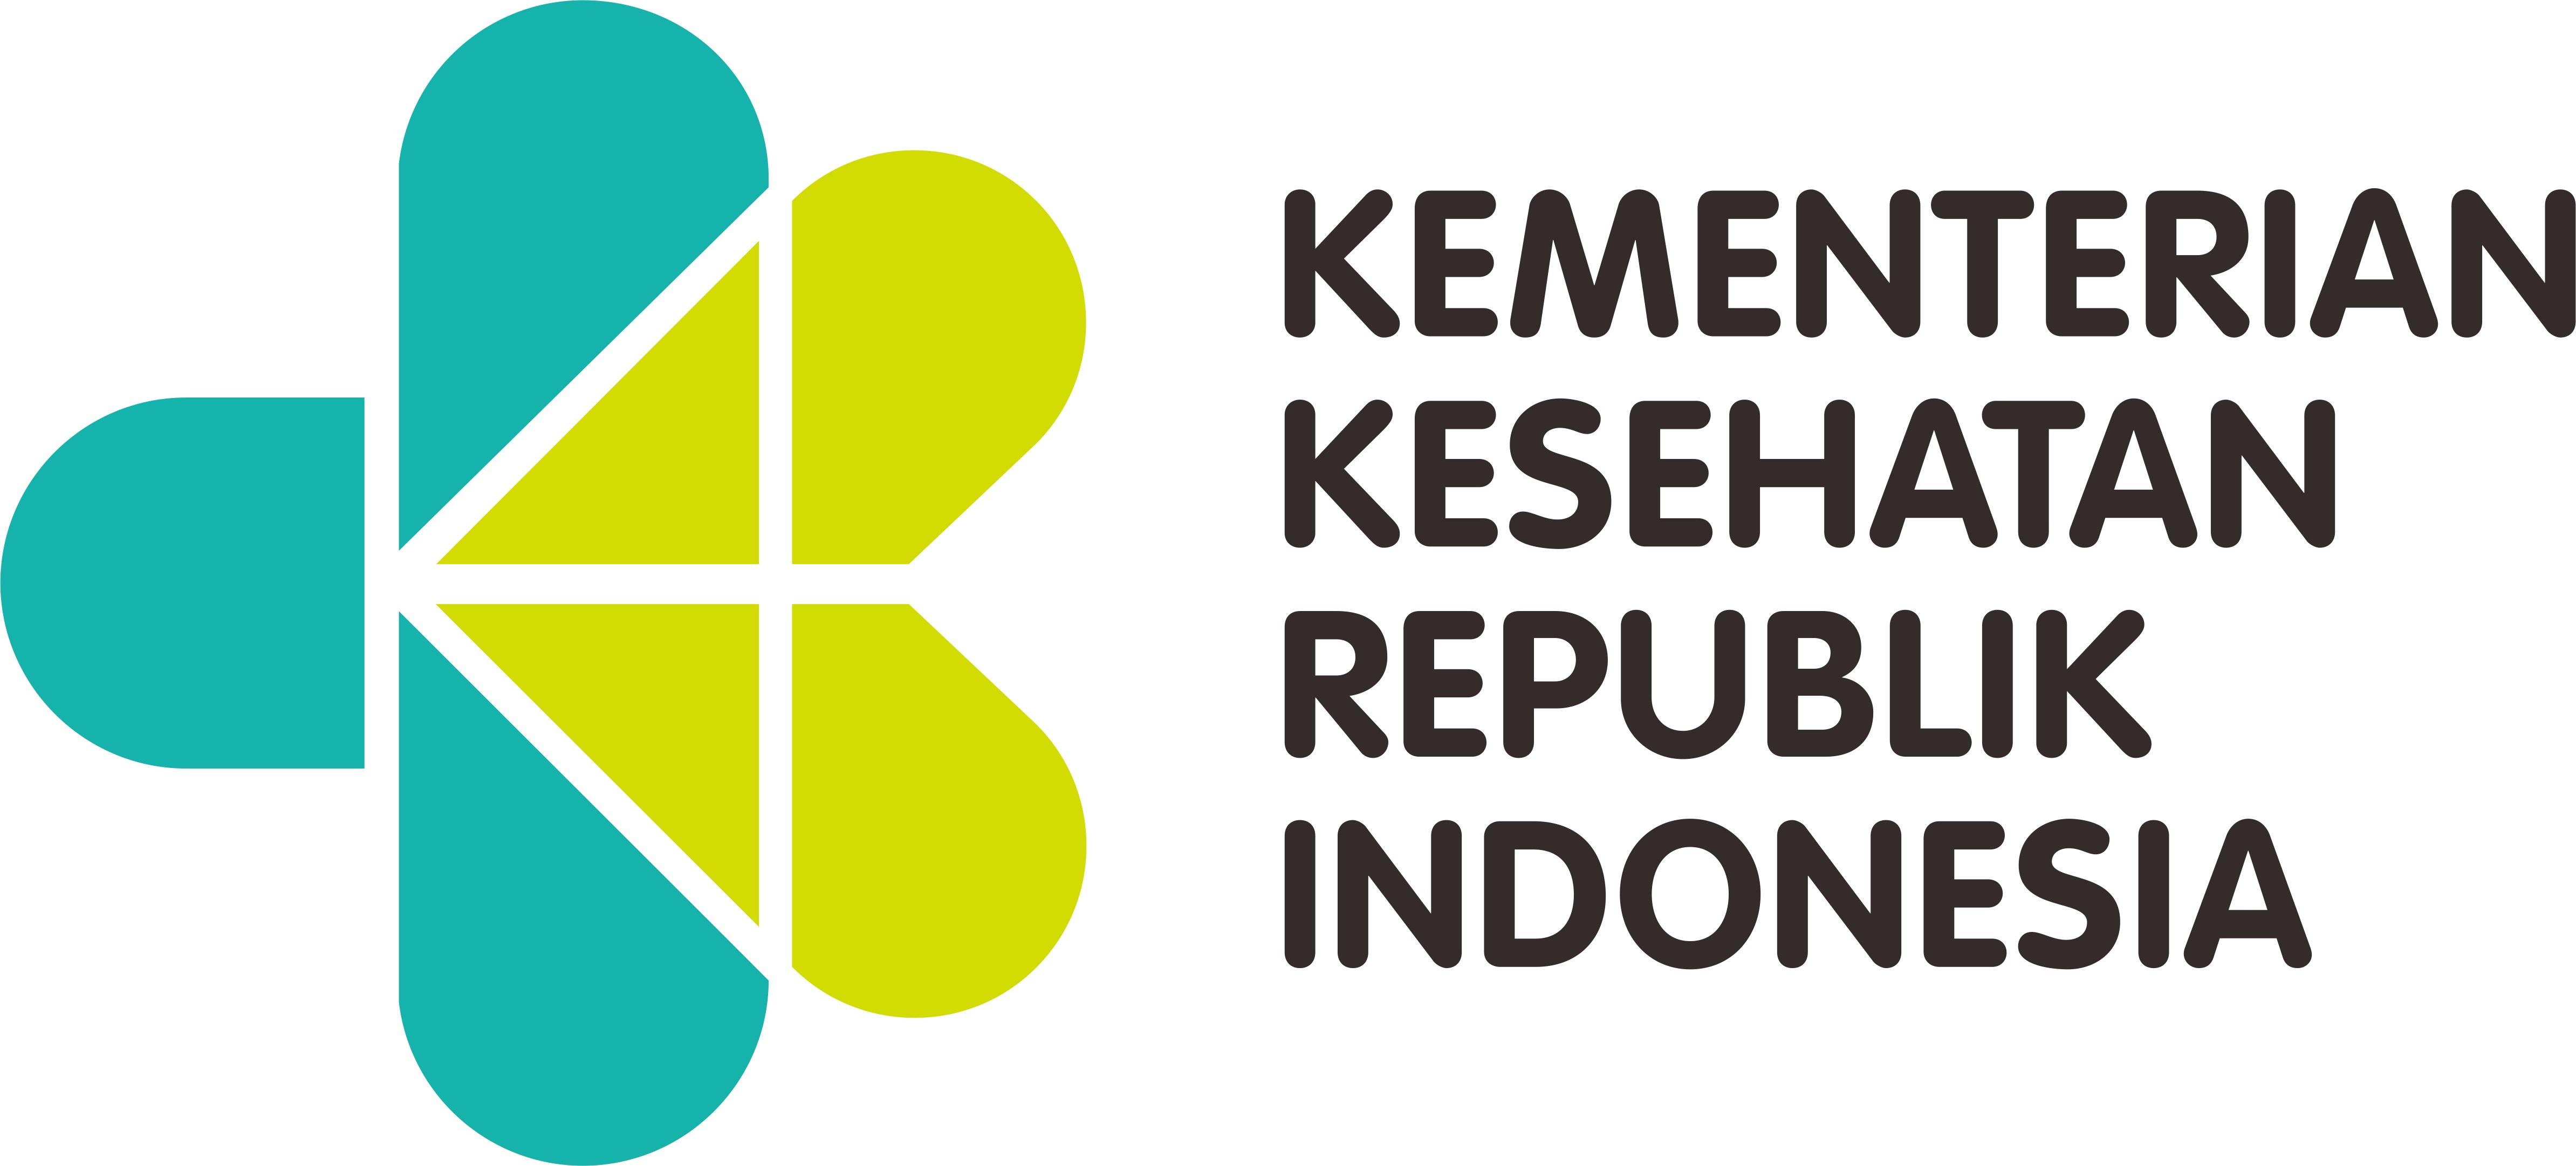 Kementrian Kesehatan Indonesia